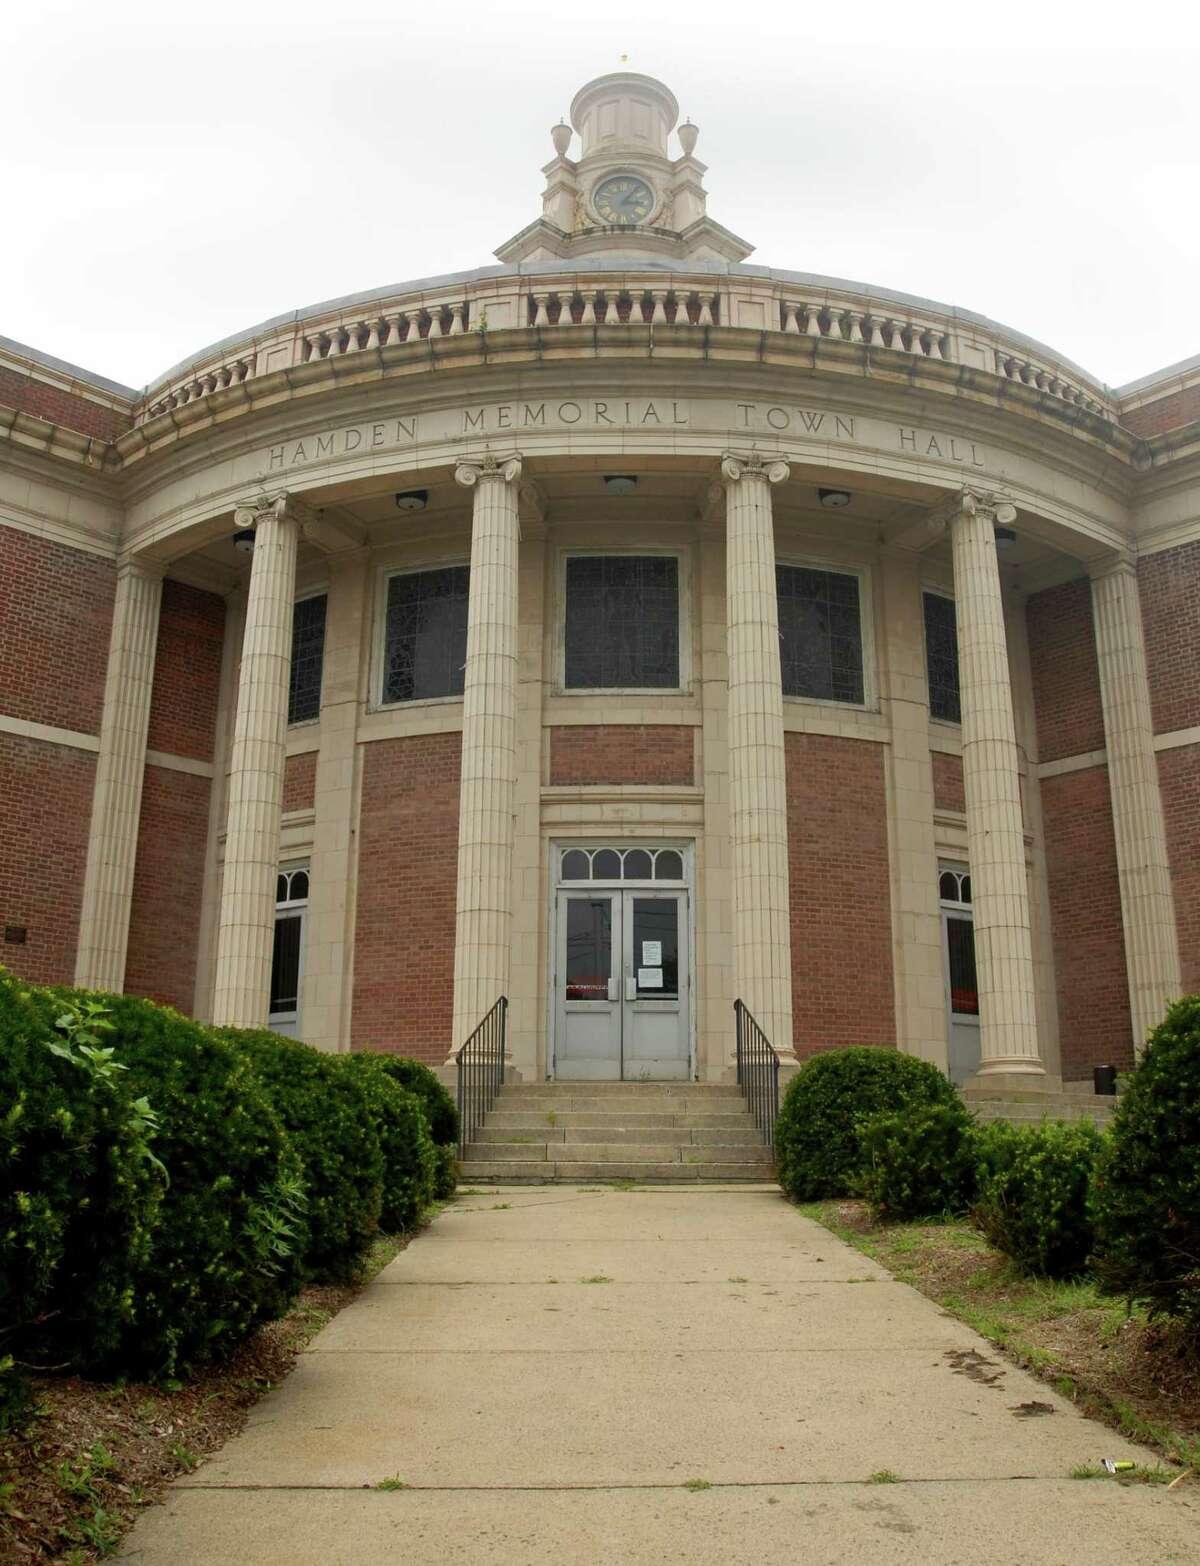 Hamden Memorial Town Hall.